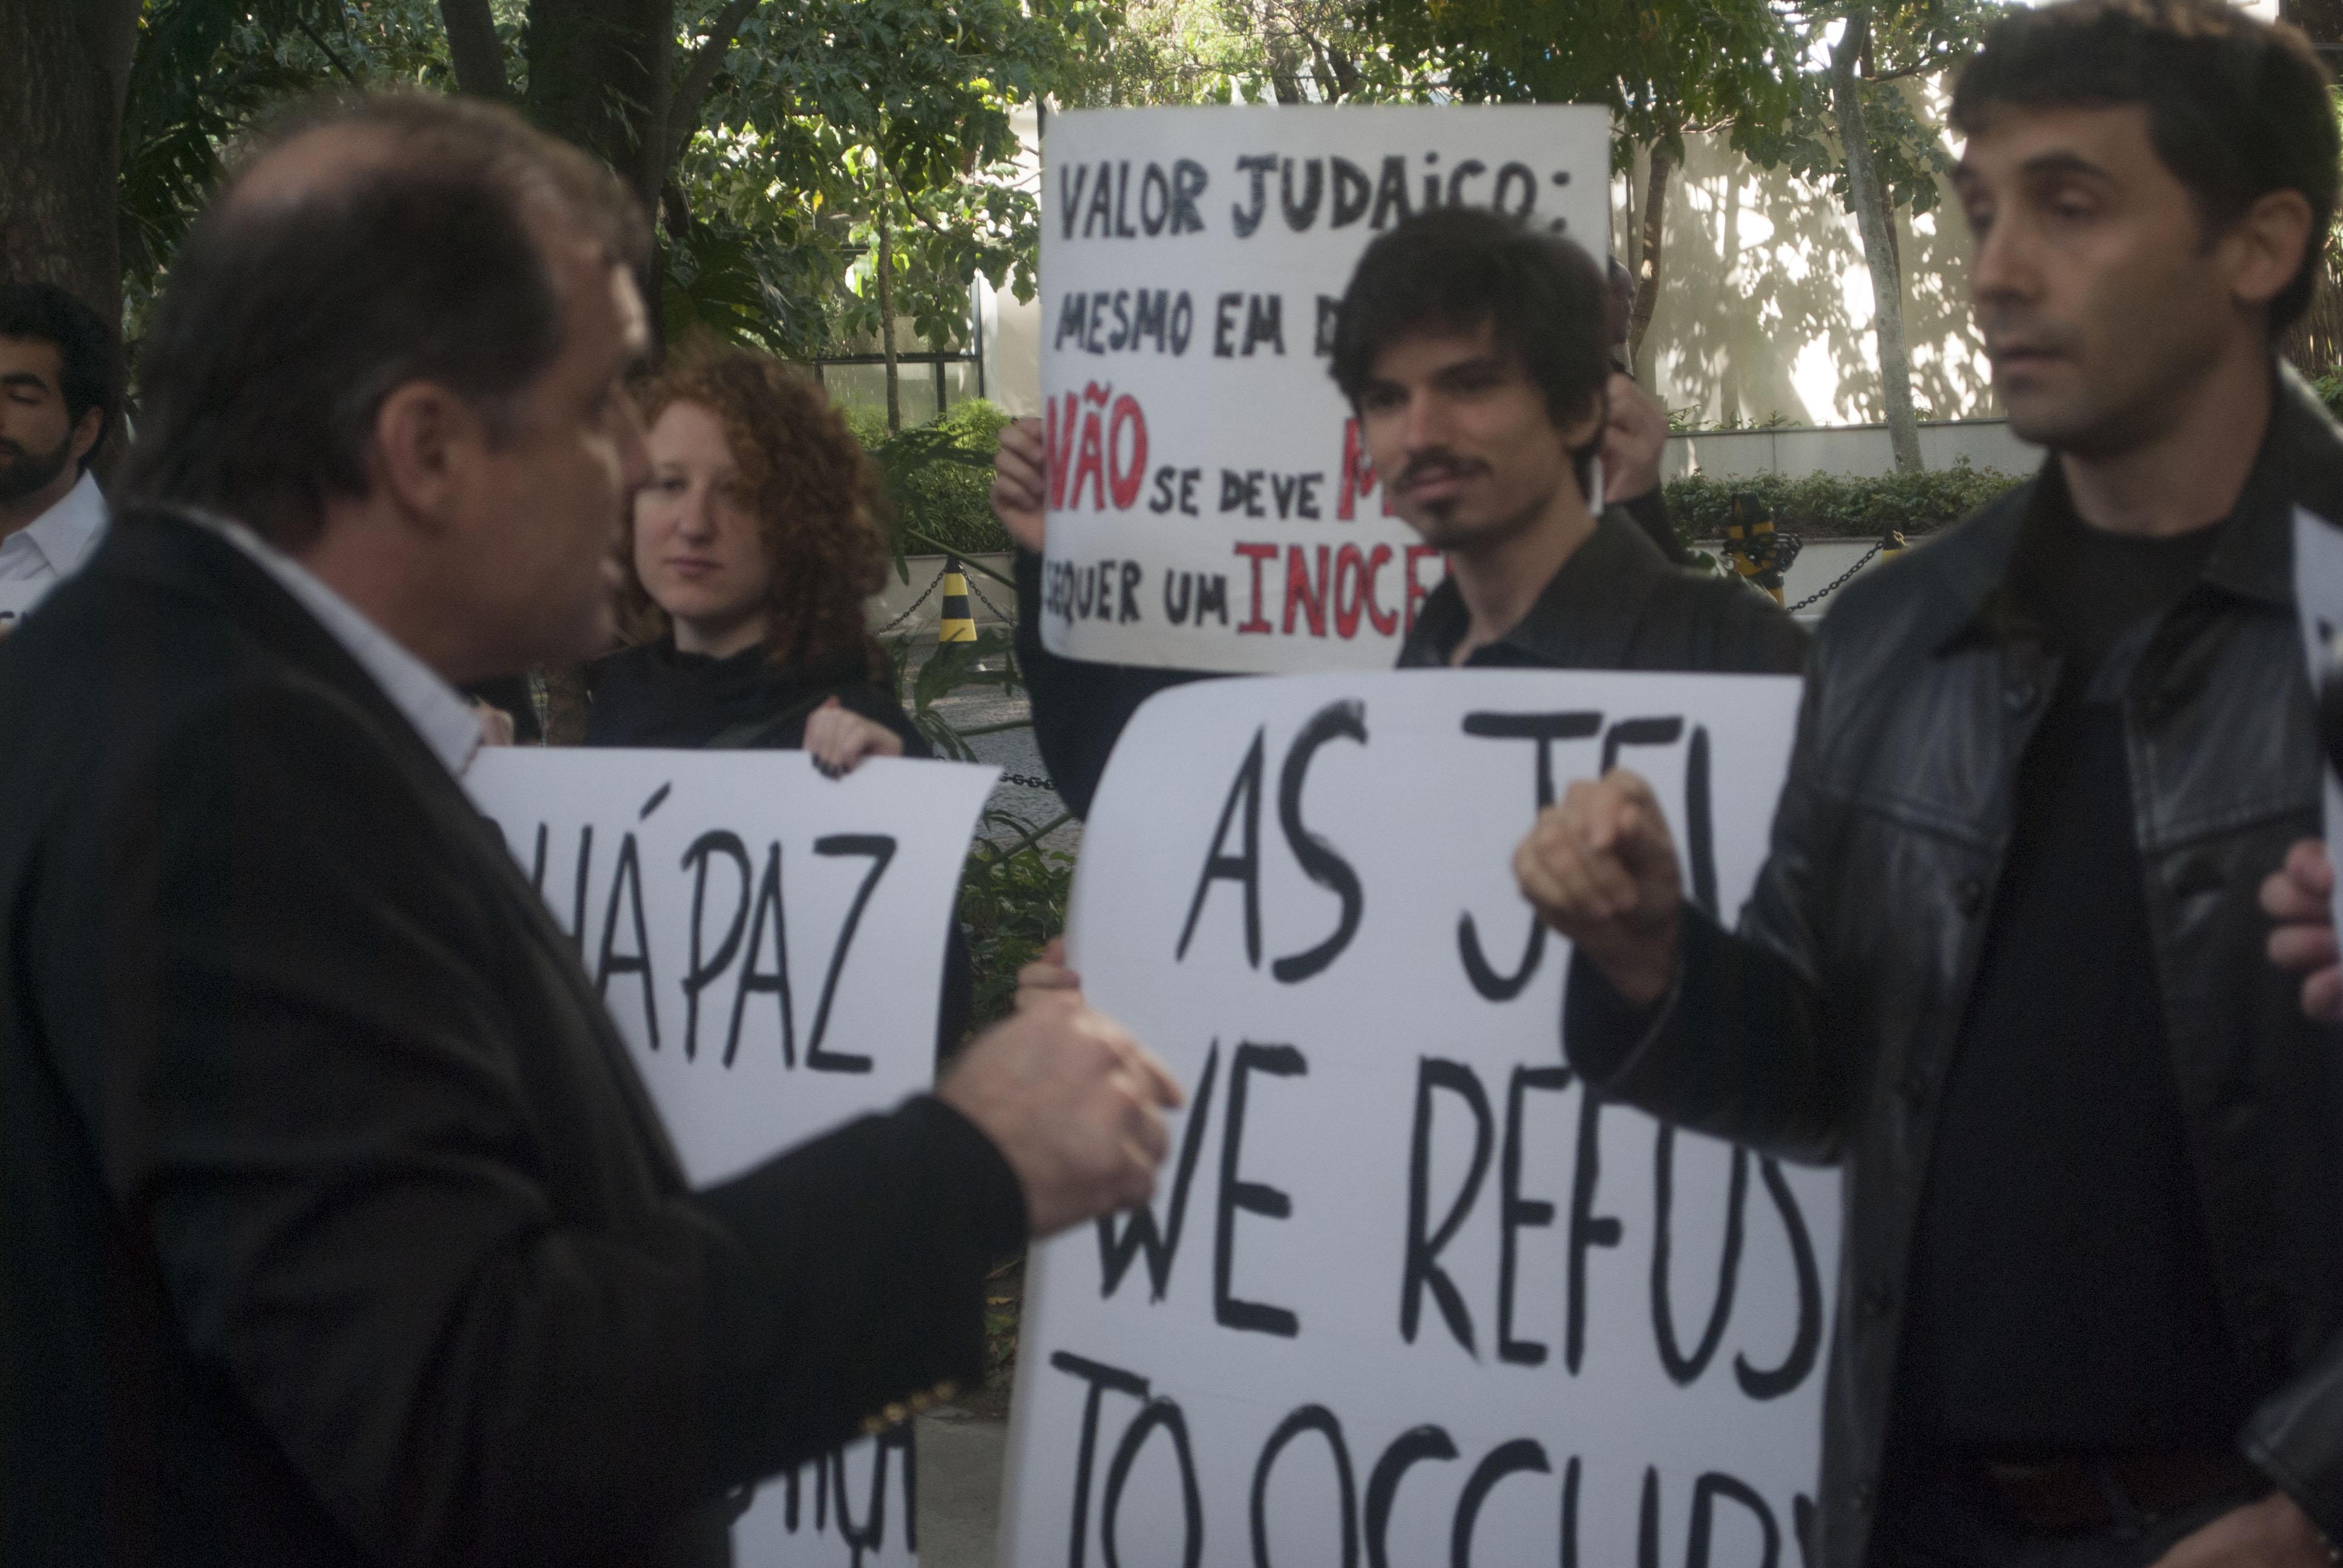 Rubem Daniel Duek (esquerda) e Yuri Haasz (direita) discutem sobre a ocupação militar em Gaza